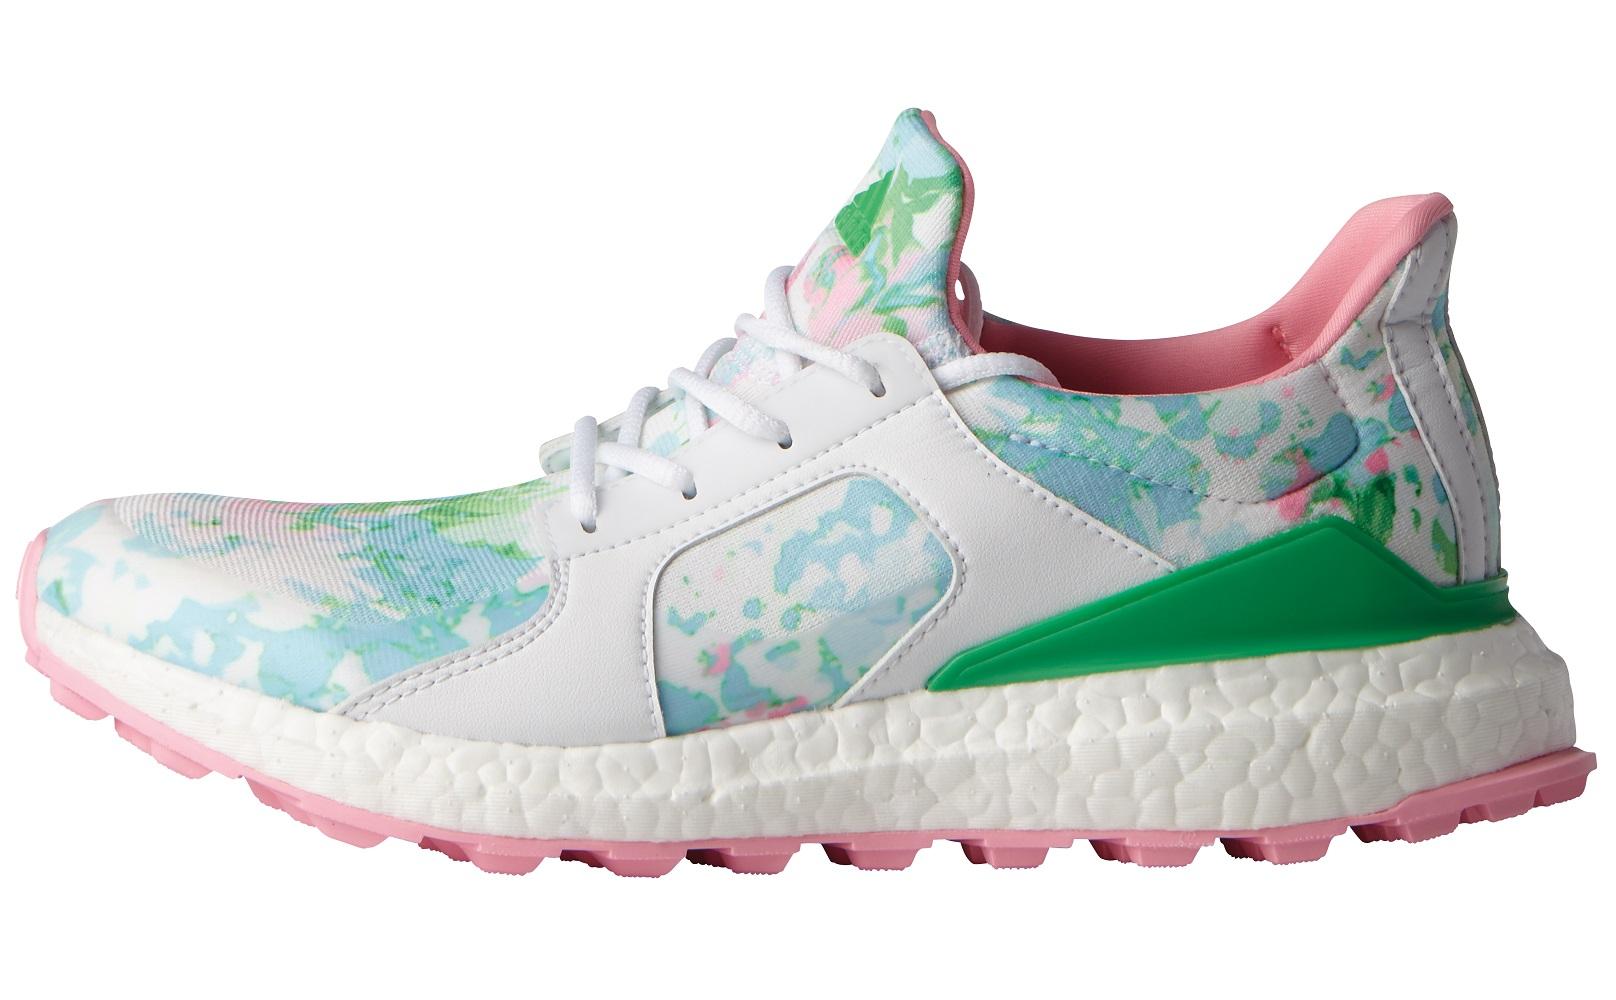 Señoras Zapatos de adidas climacross Boost